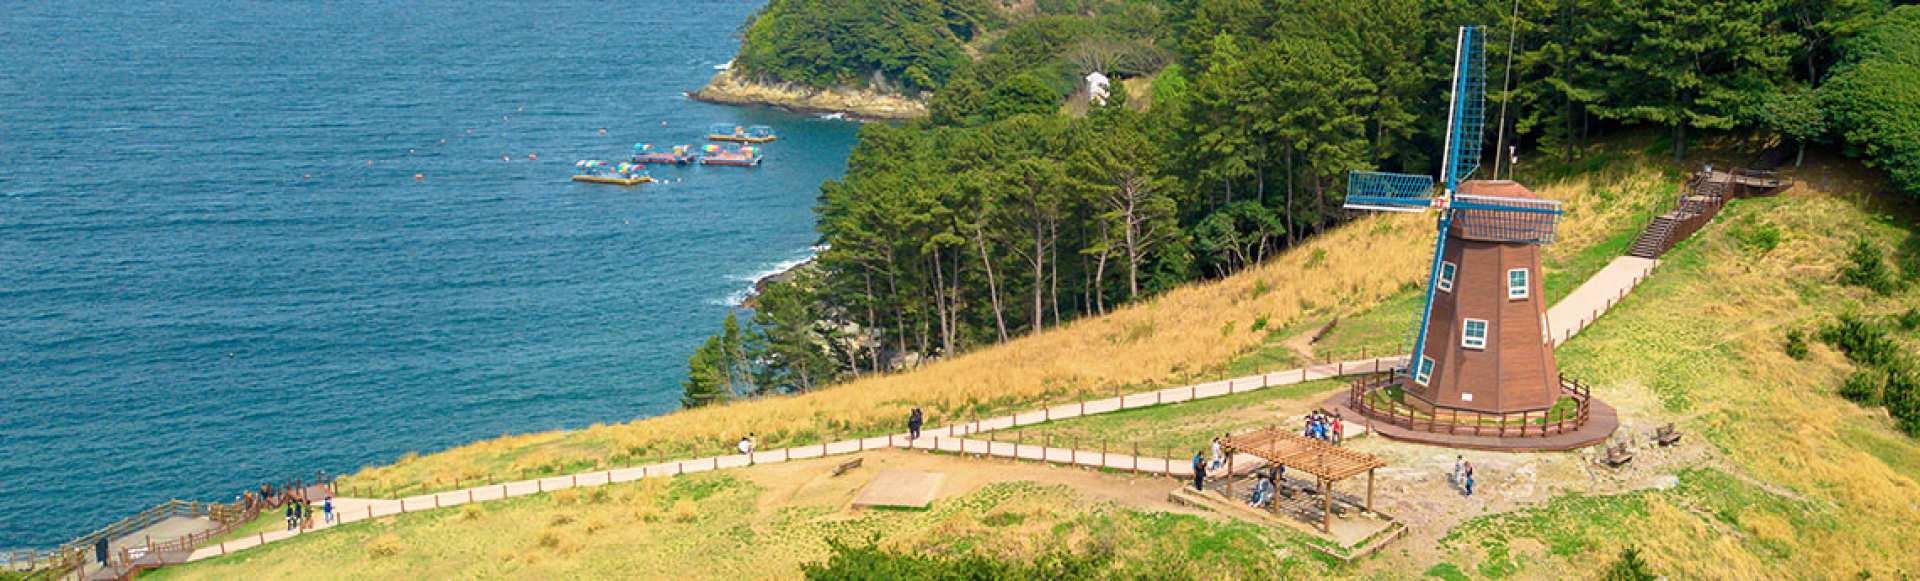 【巨濟島一日遊】巨濟島風之丘&外島一日遊